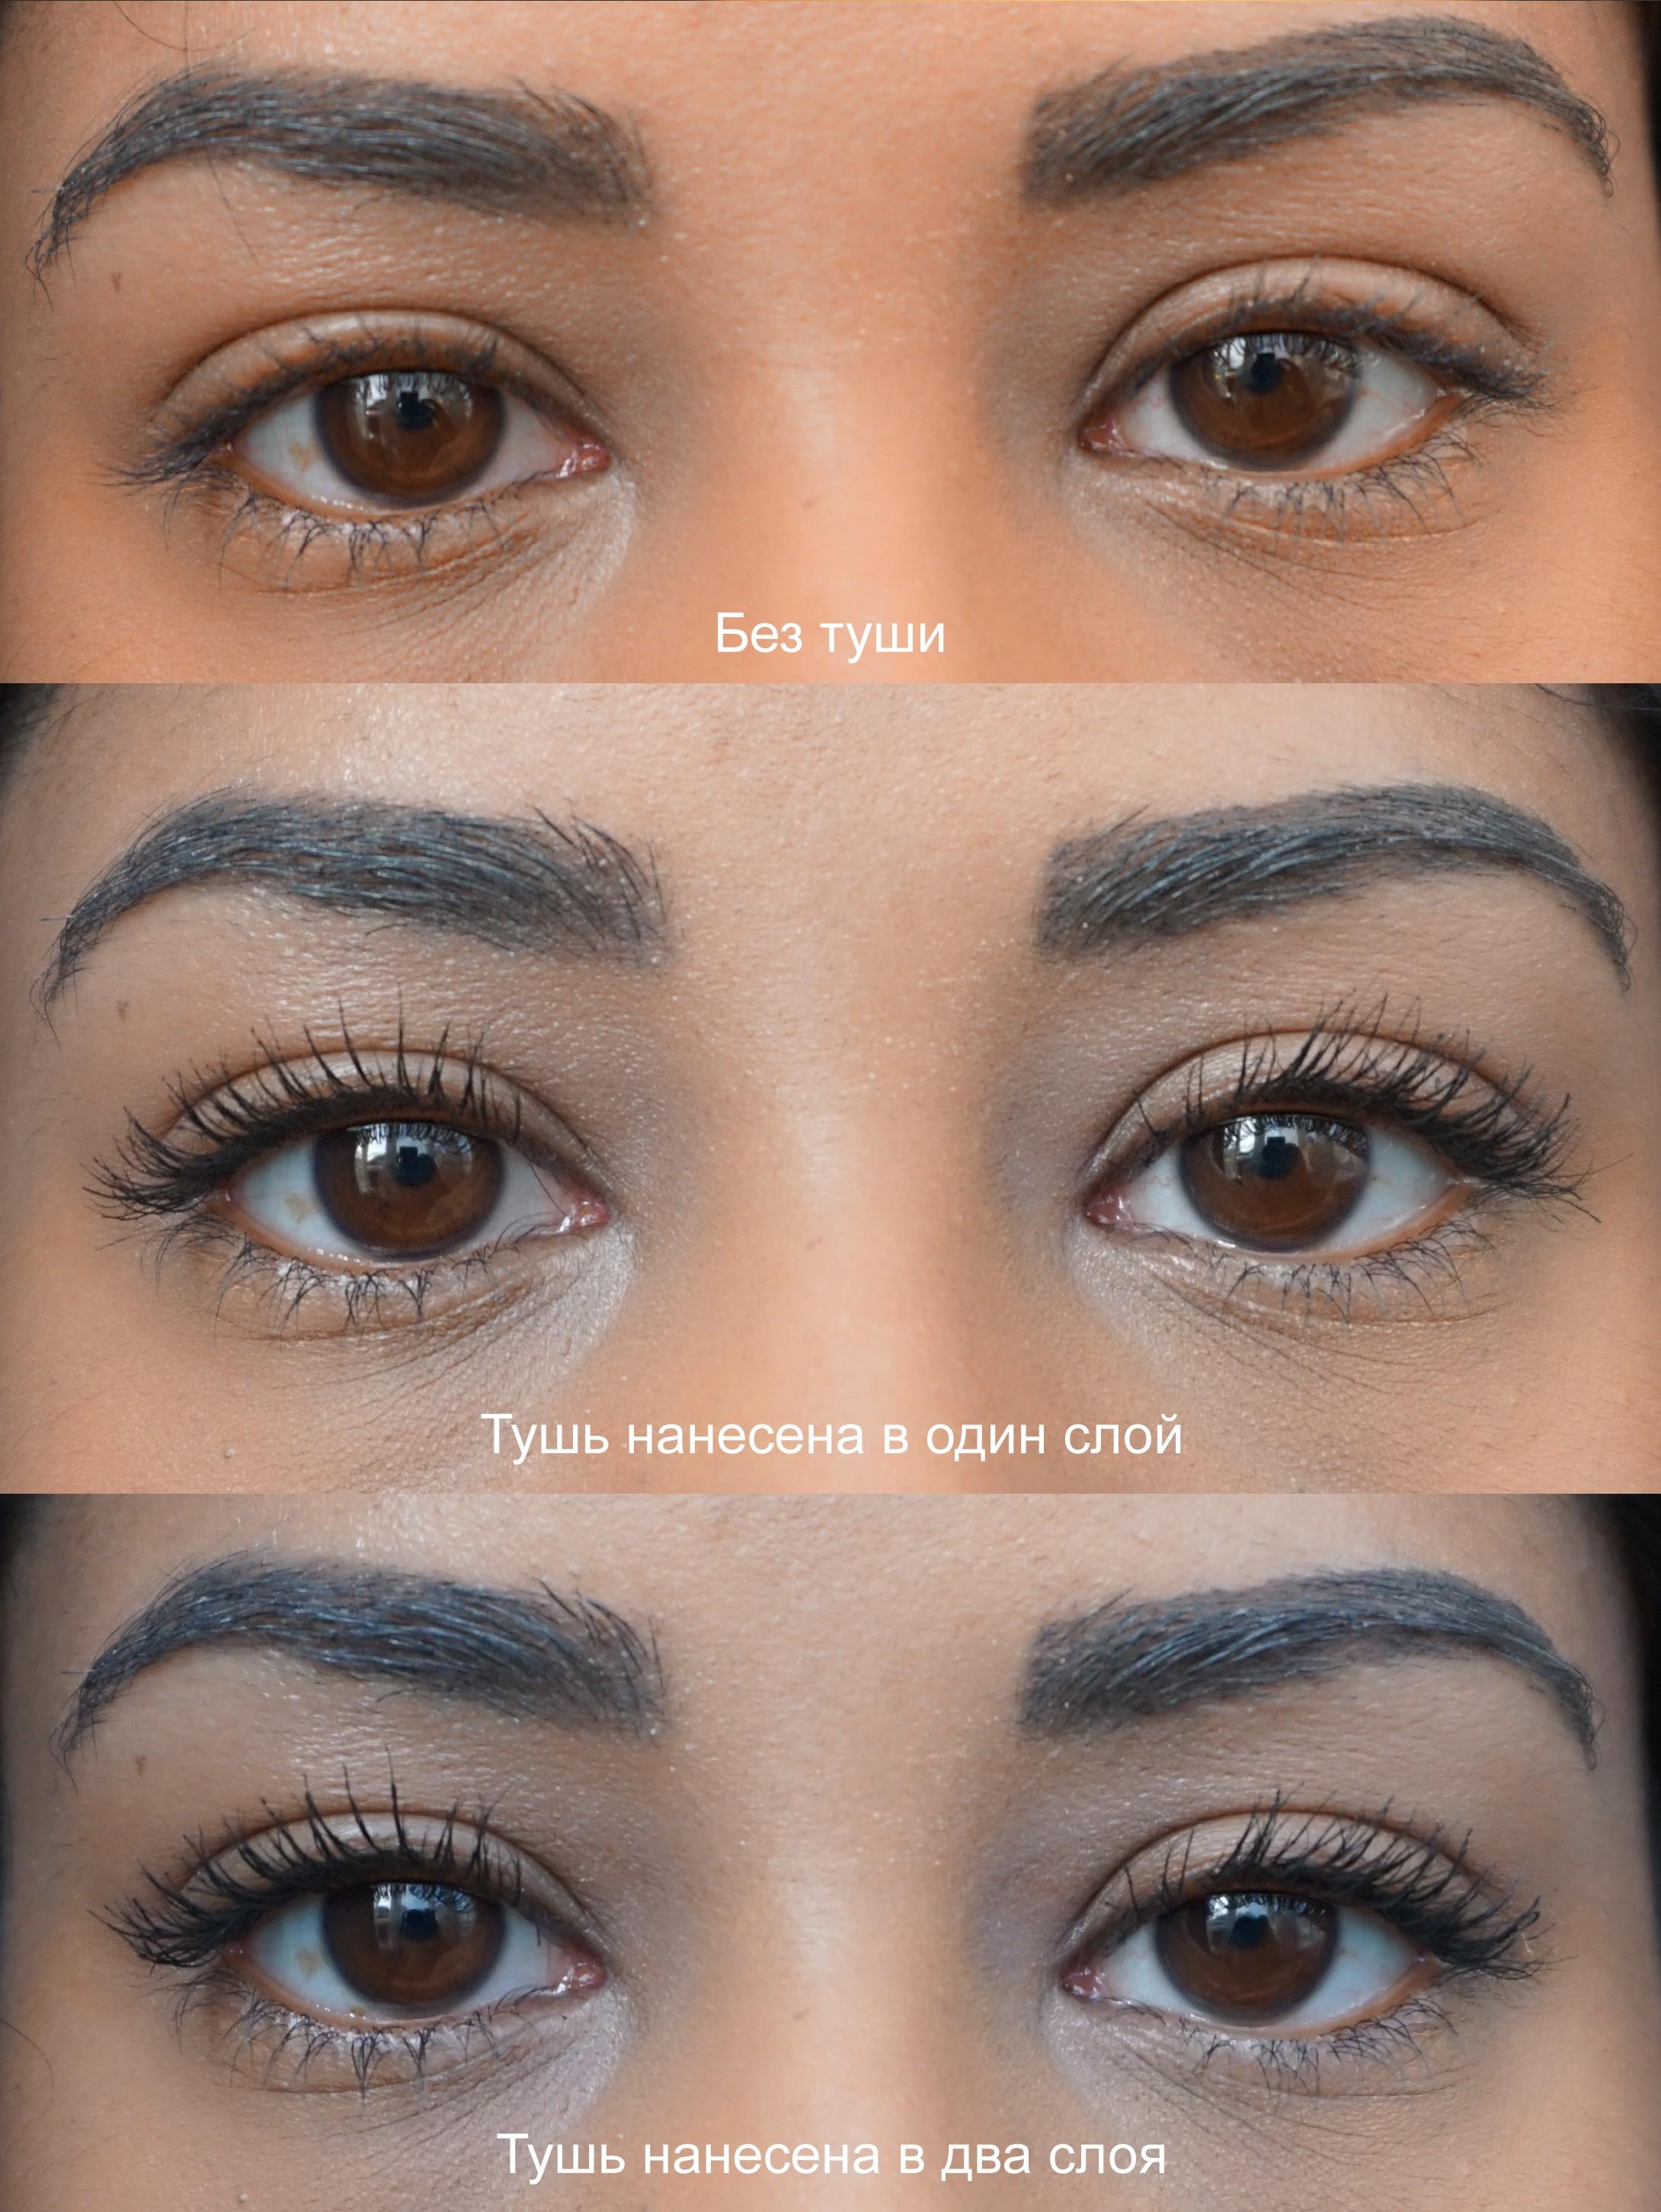 Сравнение ресниц при нанесении туши для ресниц High Impact Mascara от Clinique